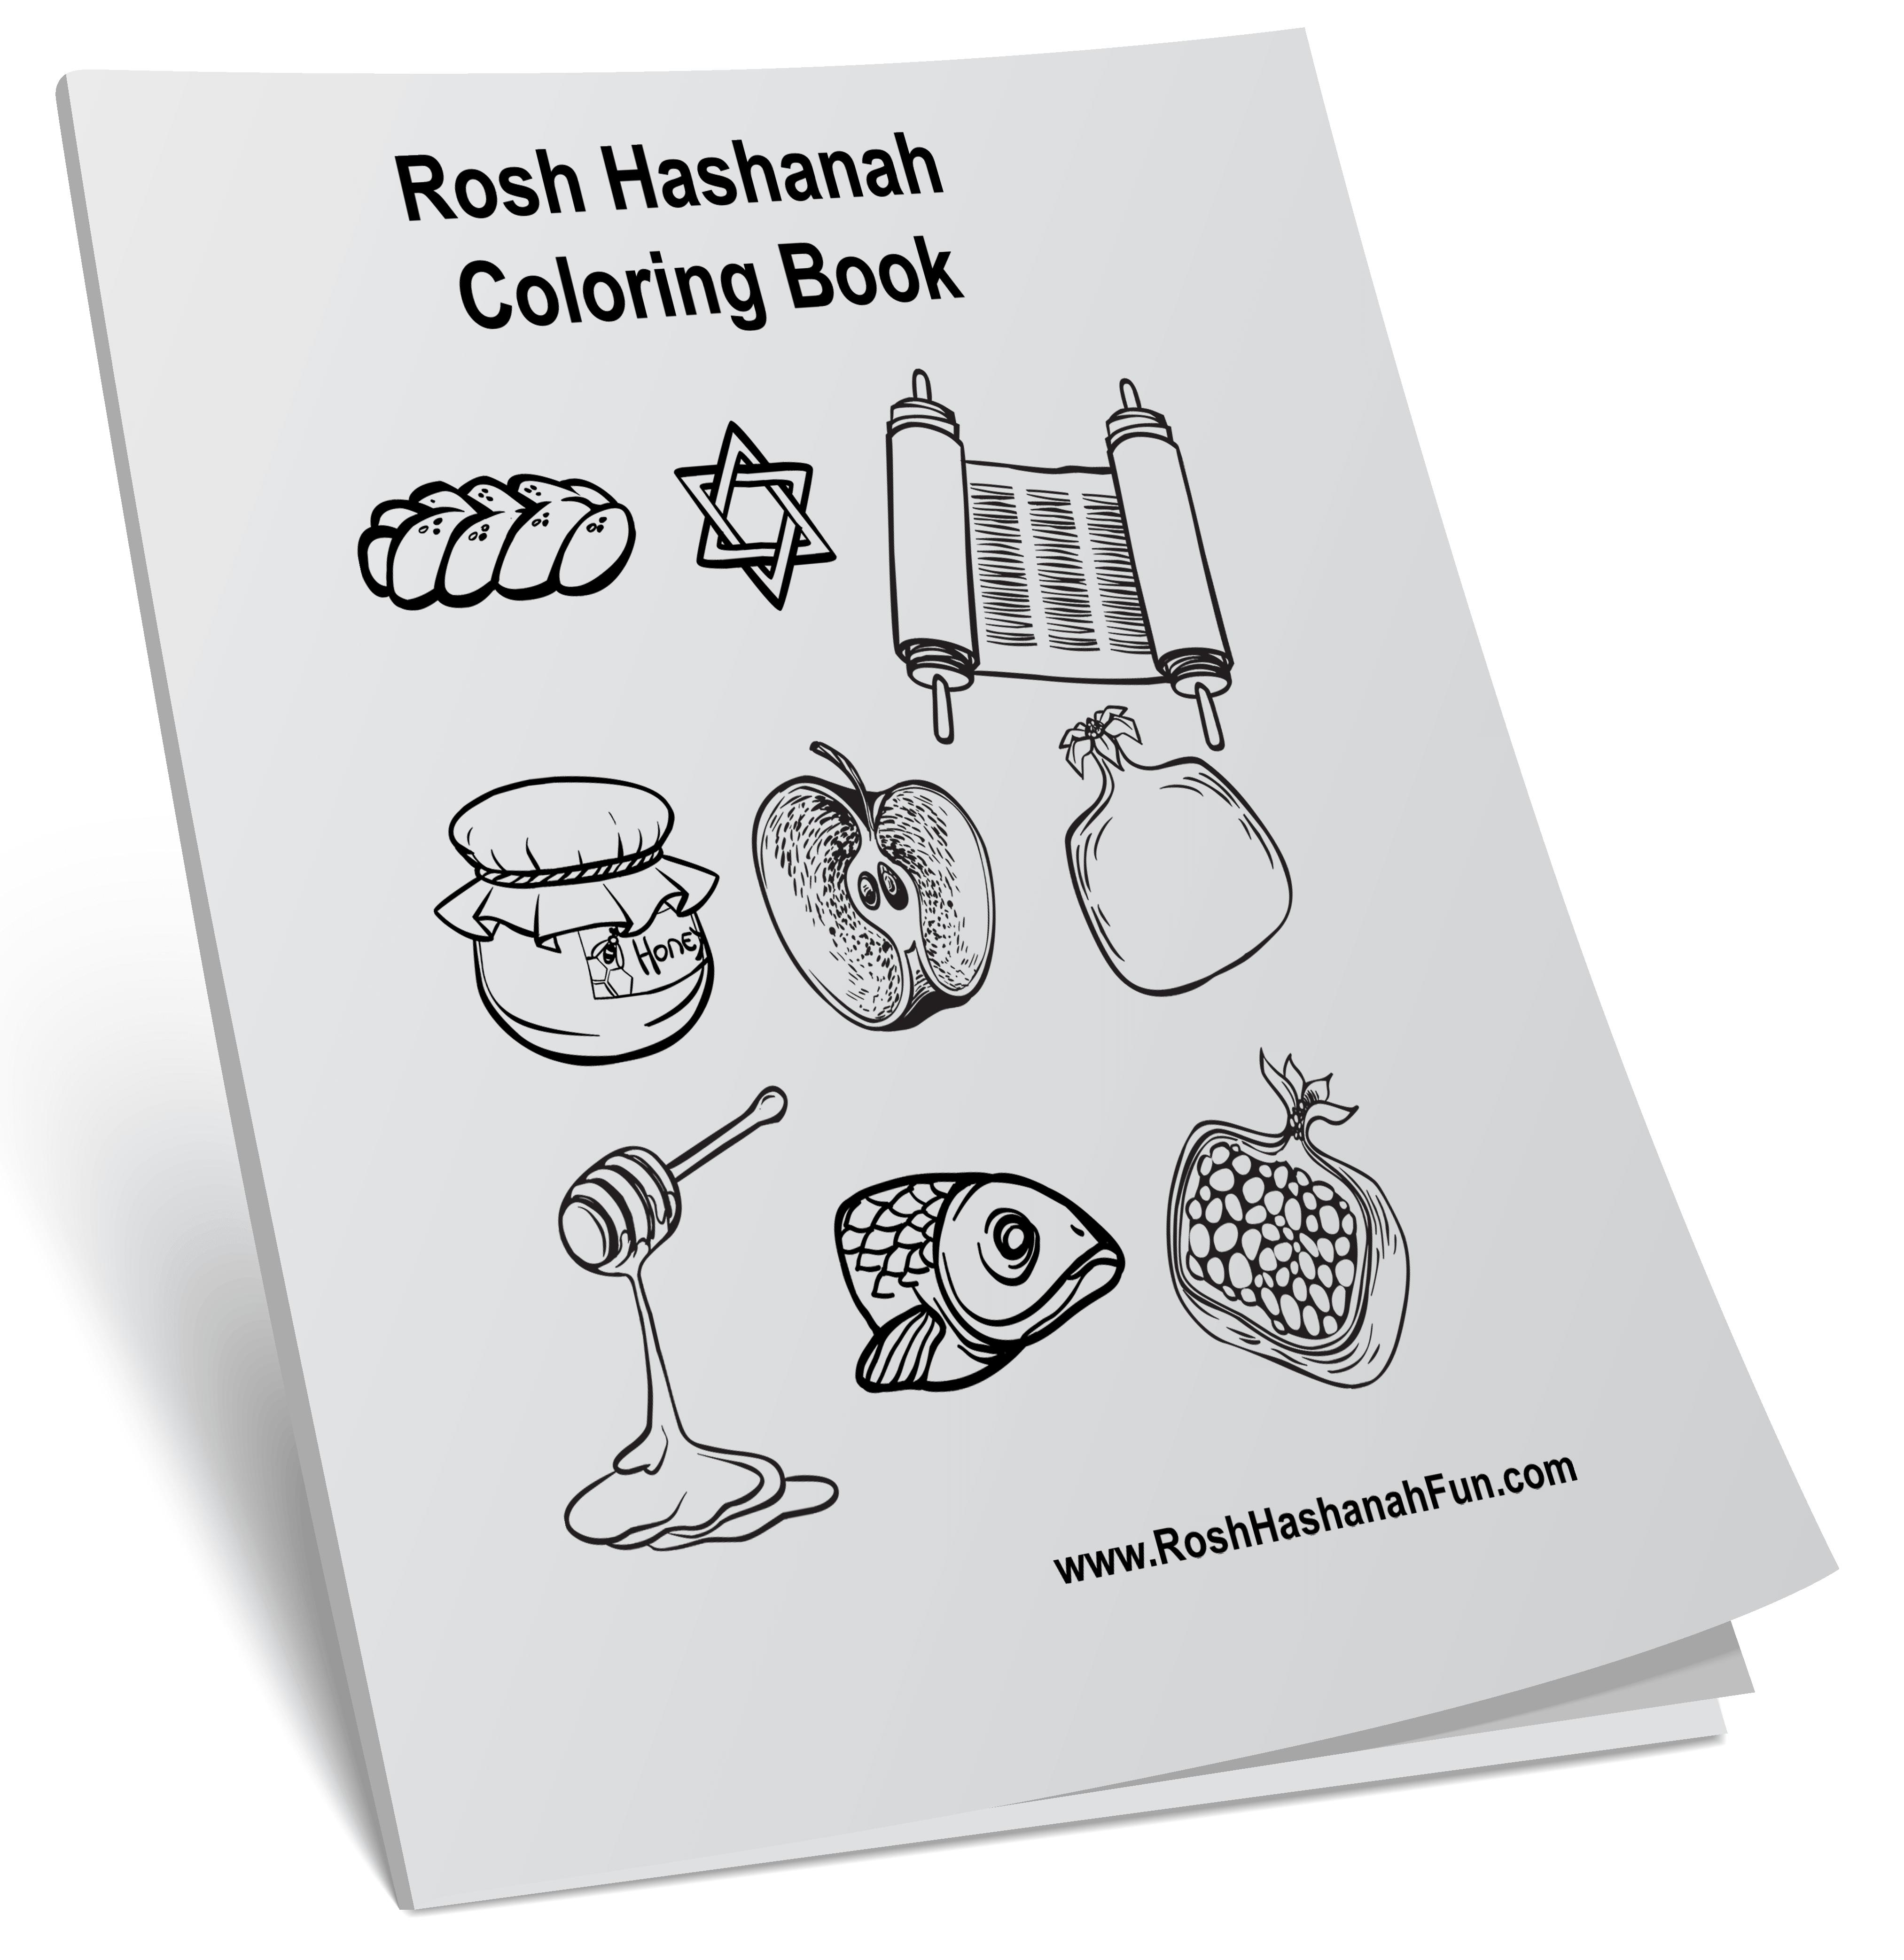 Rosh Hashanah Coloring Book